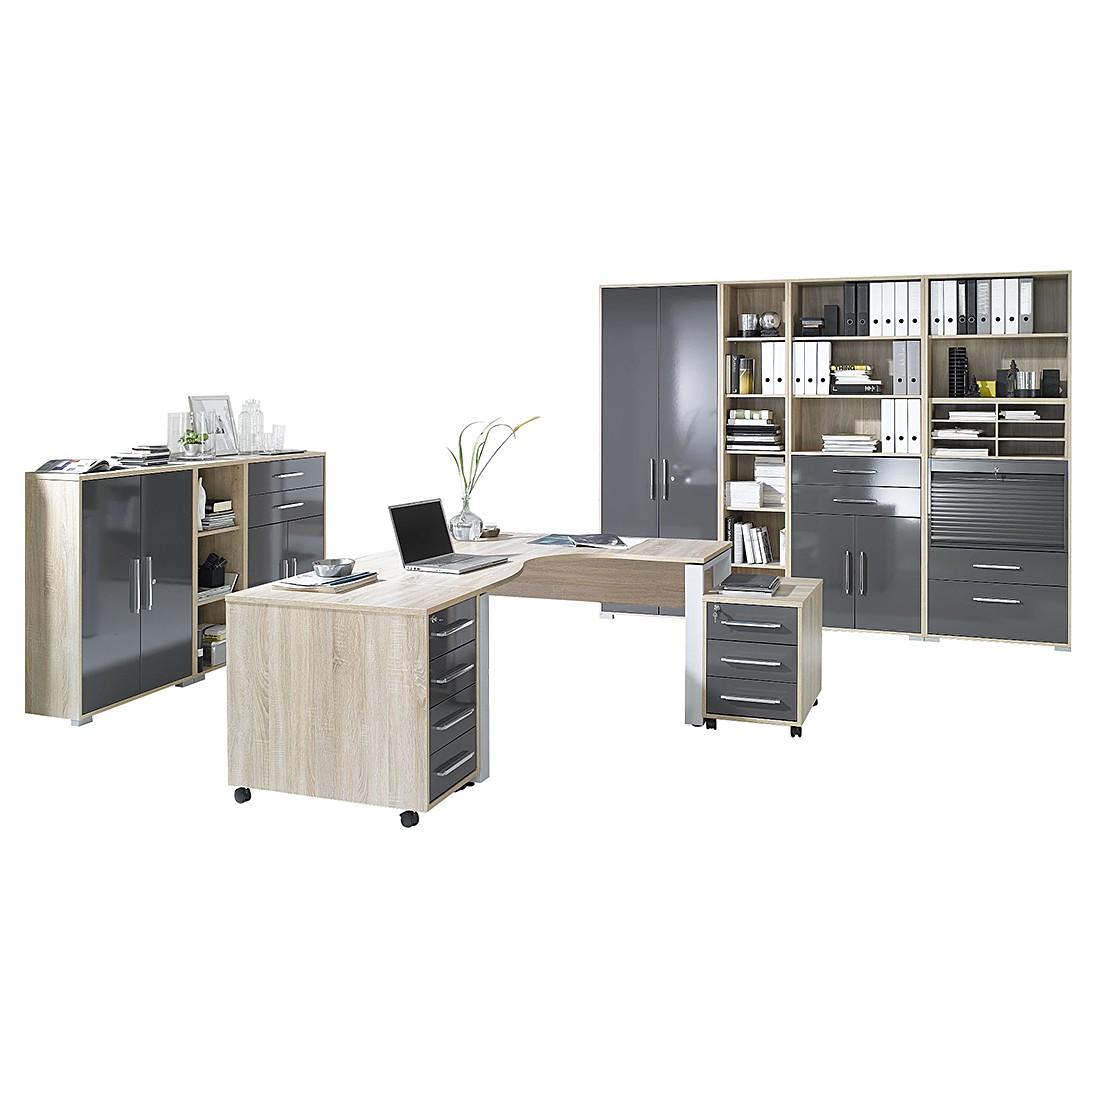 Bürosparset Merit V (10-teilig) – Sonoma Eiche Dekor/Hochglanz Grau, Maja Möbel jetzt bestellen